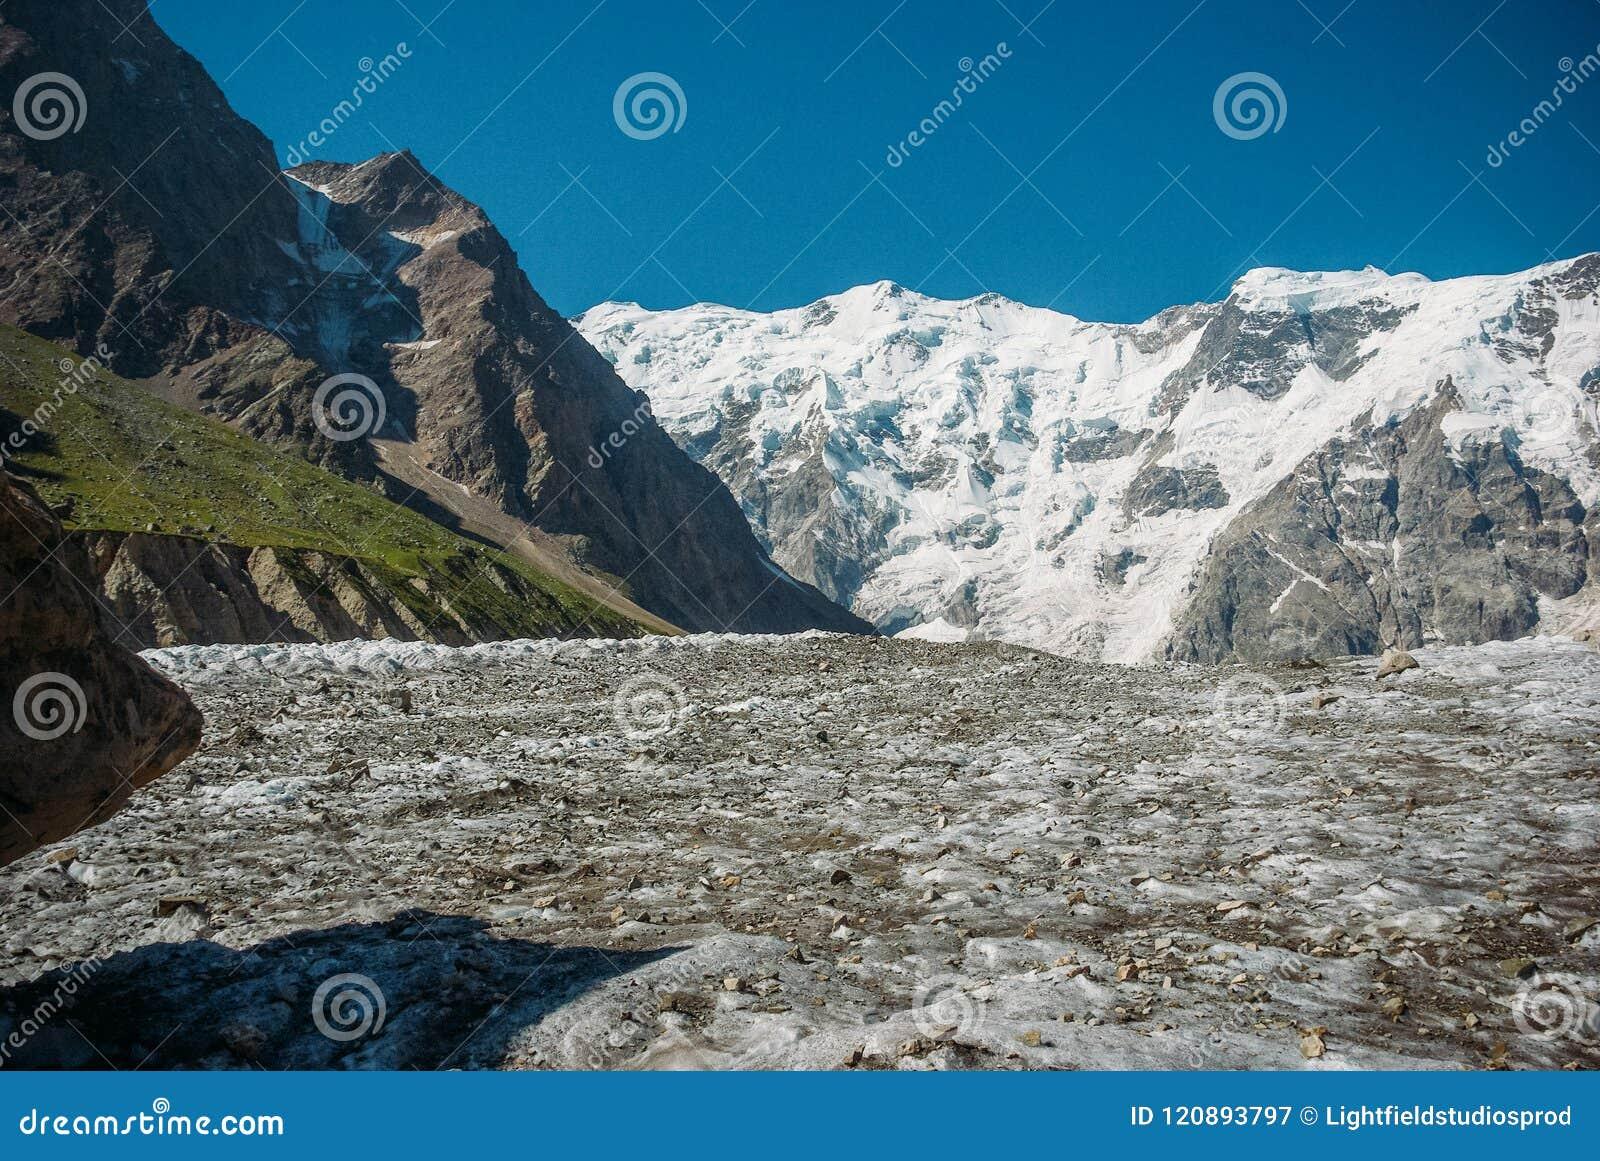 Härliga snöig berg, rysk federation, Kaukasus,